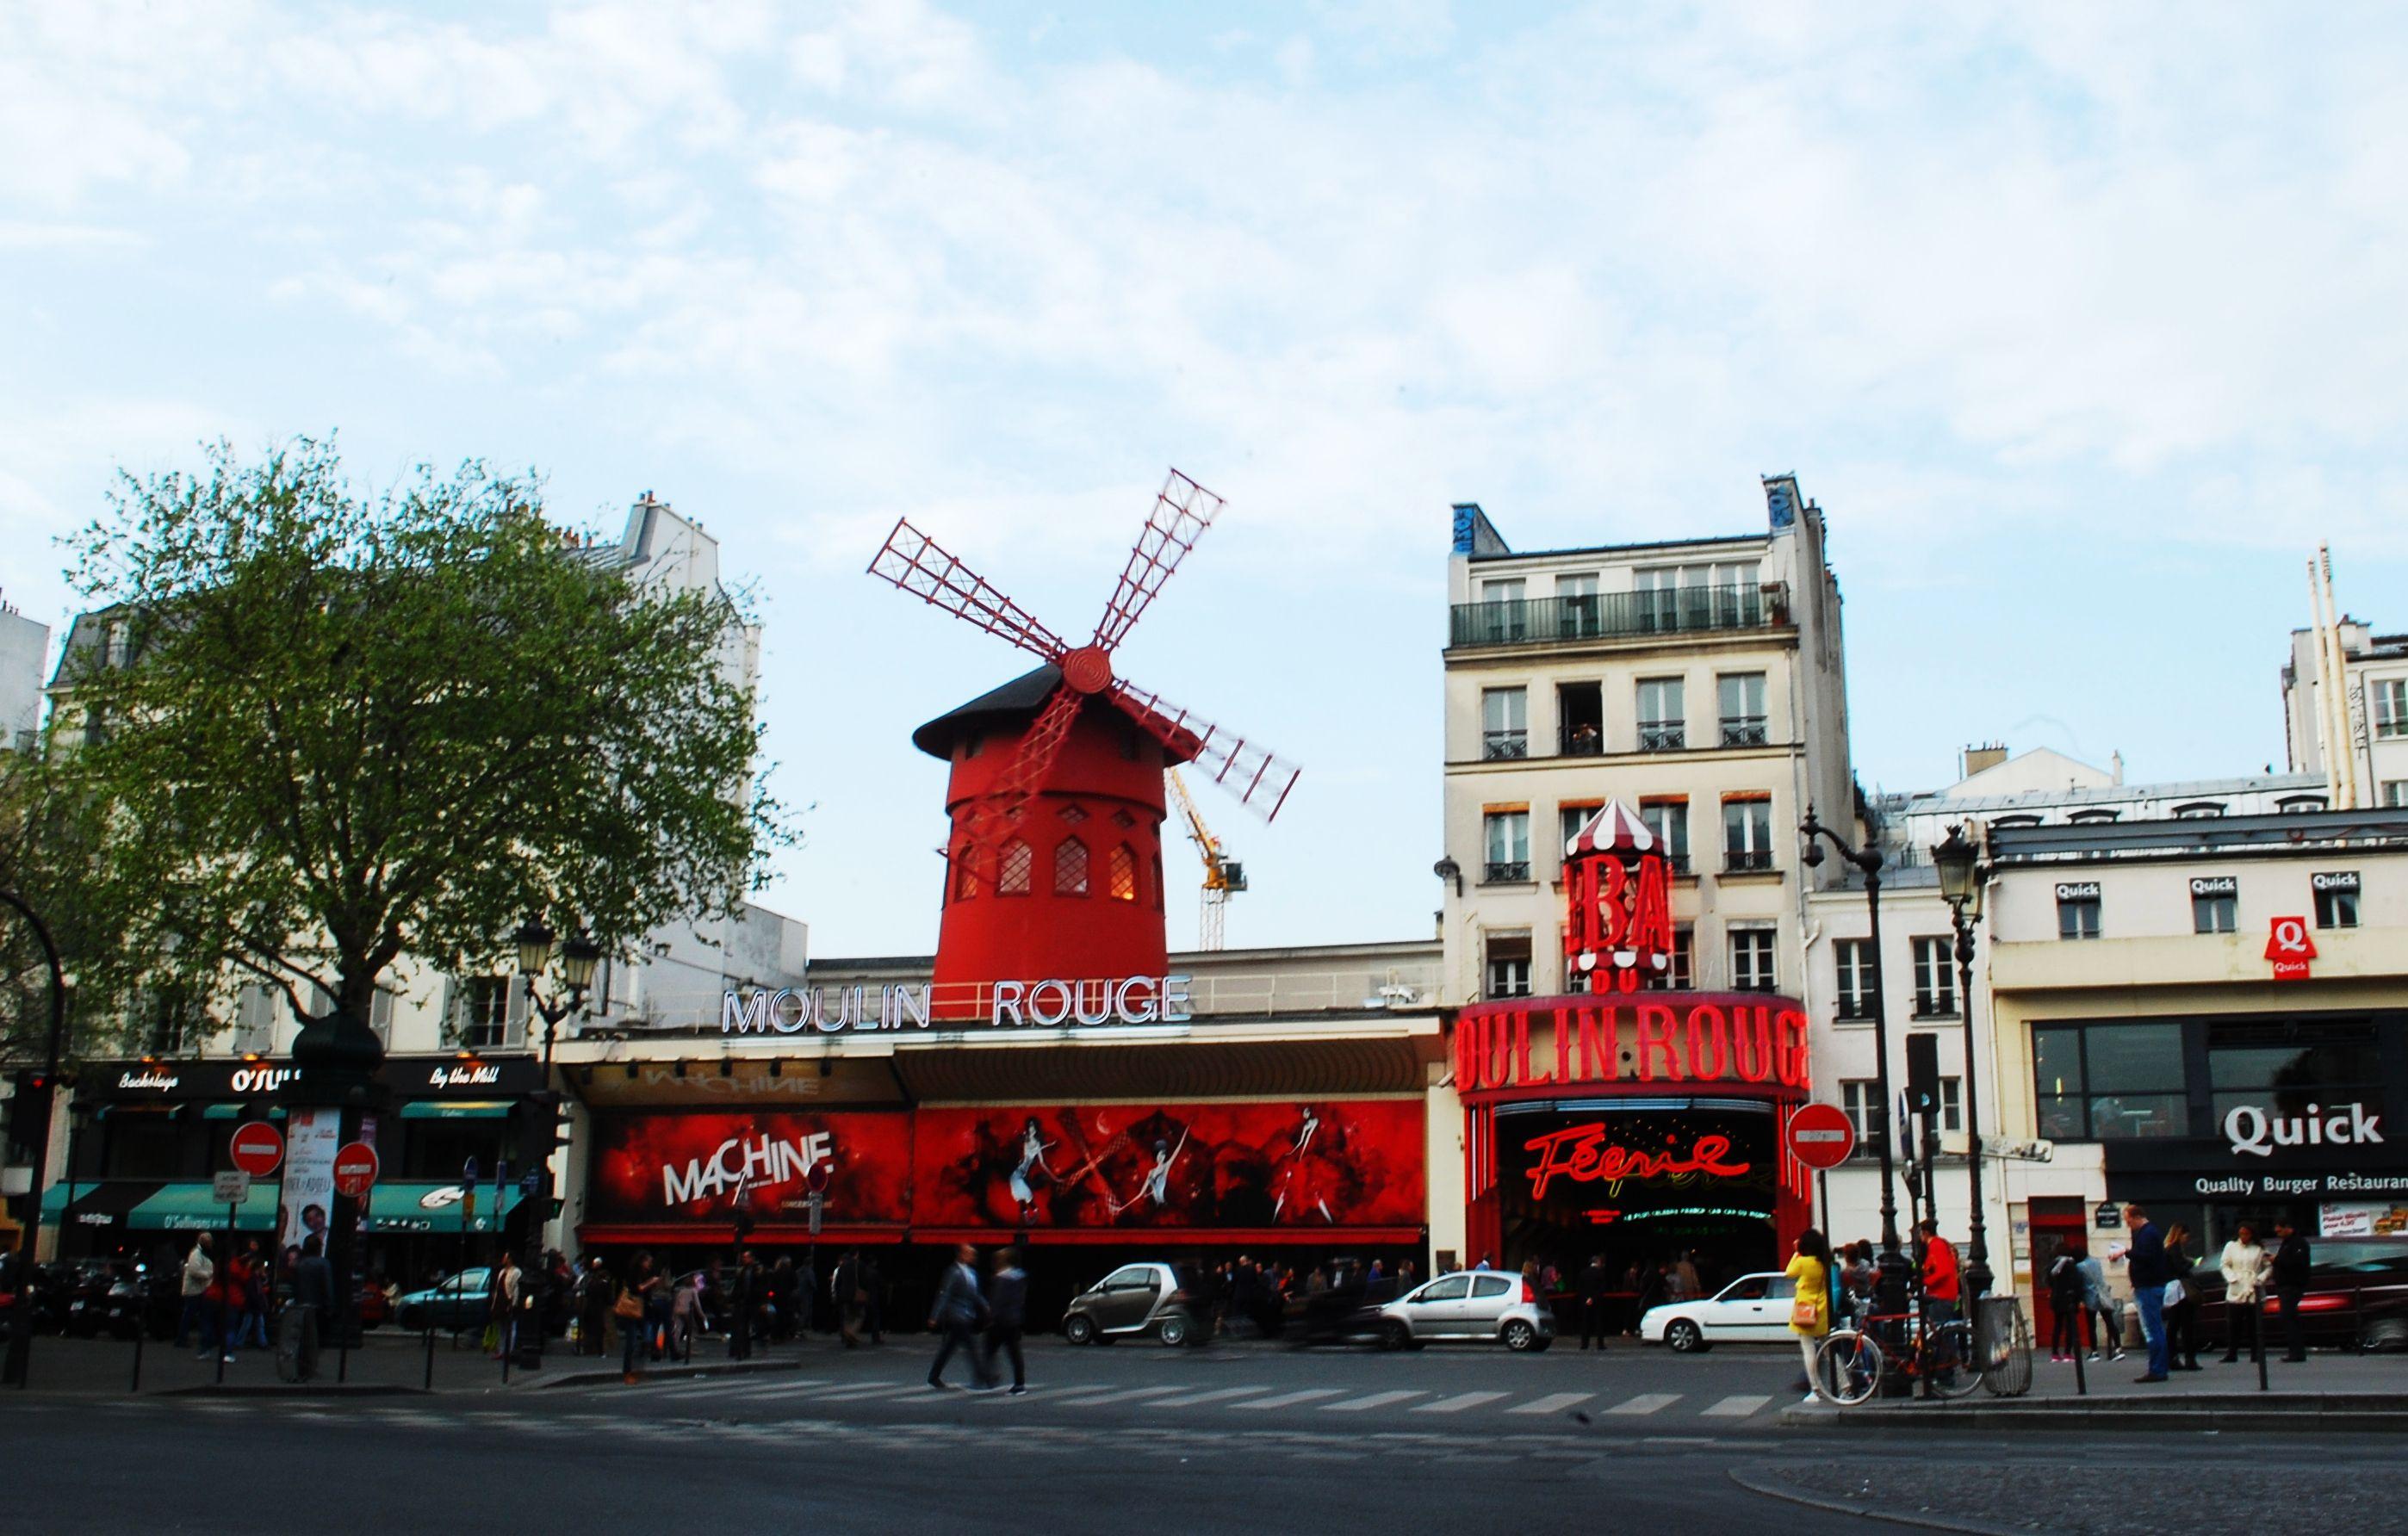 Moulin Rouge Paris France Paryz Ferry Building San Francisco Ferry Building Paris